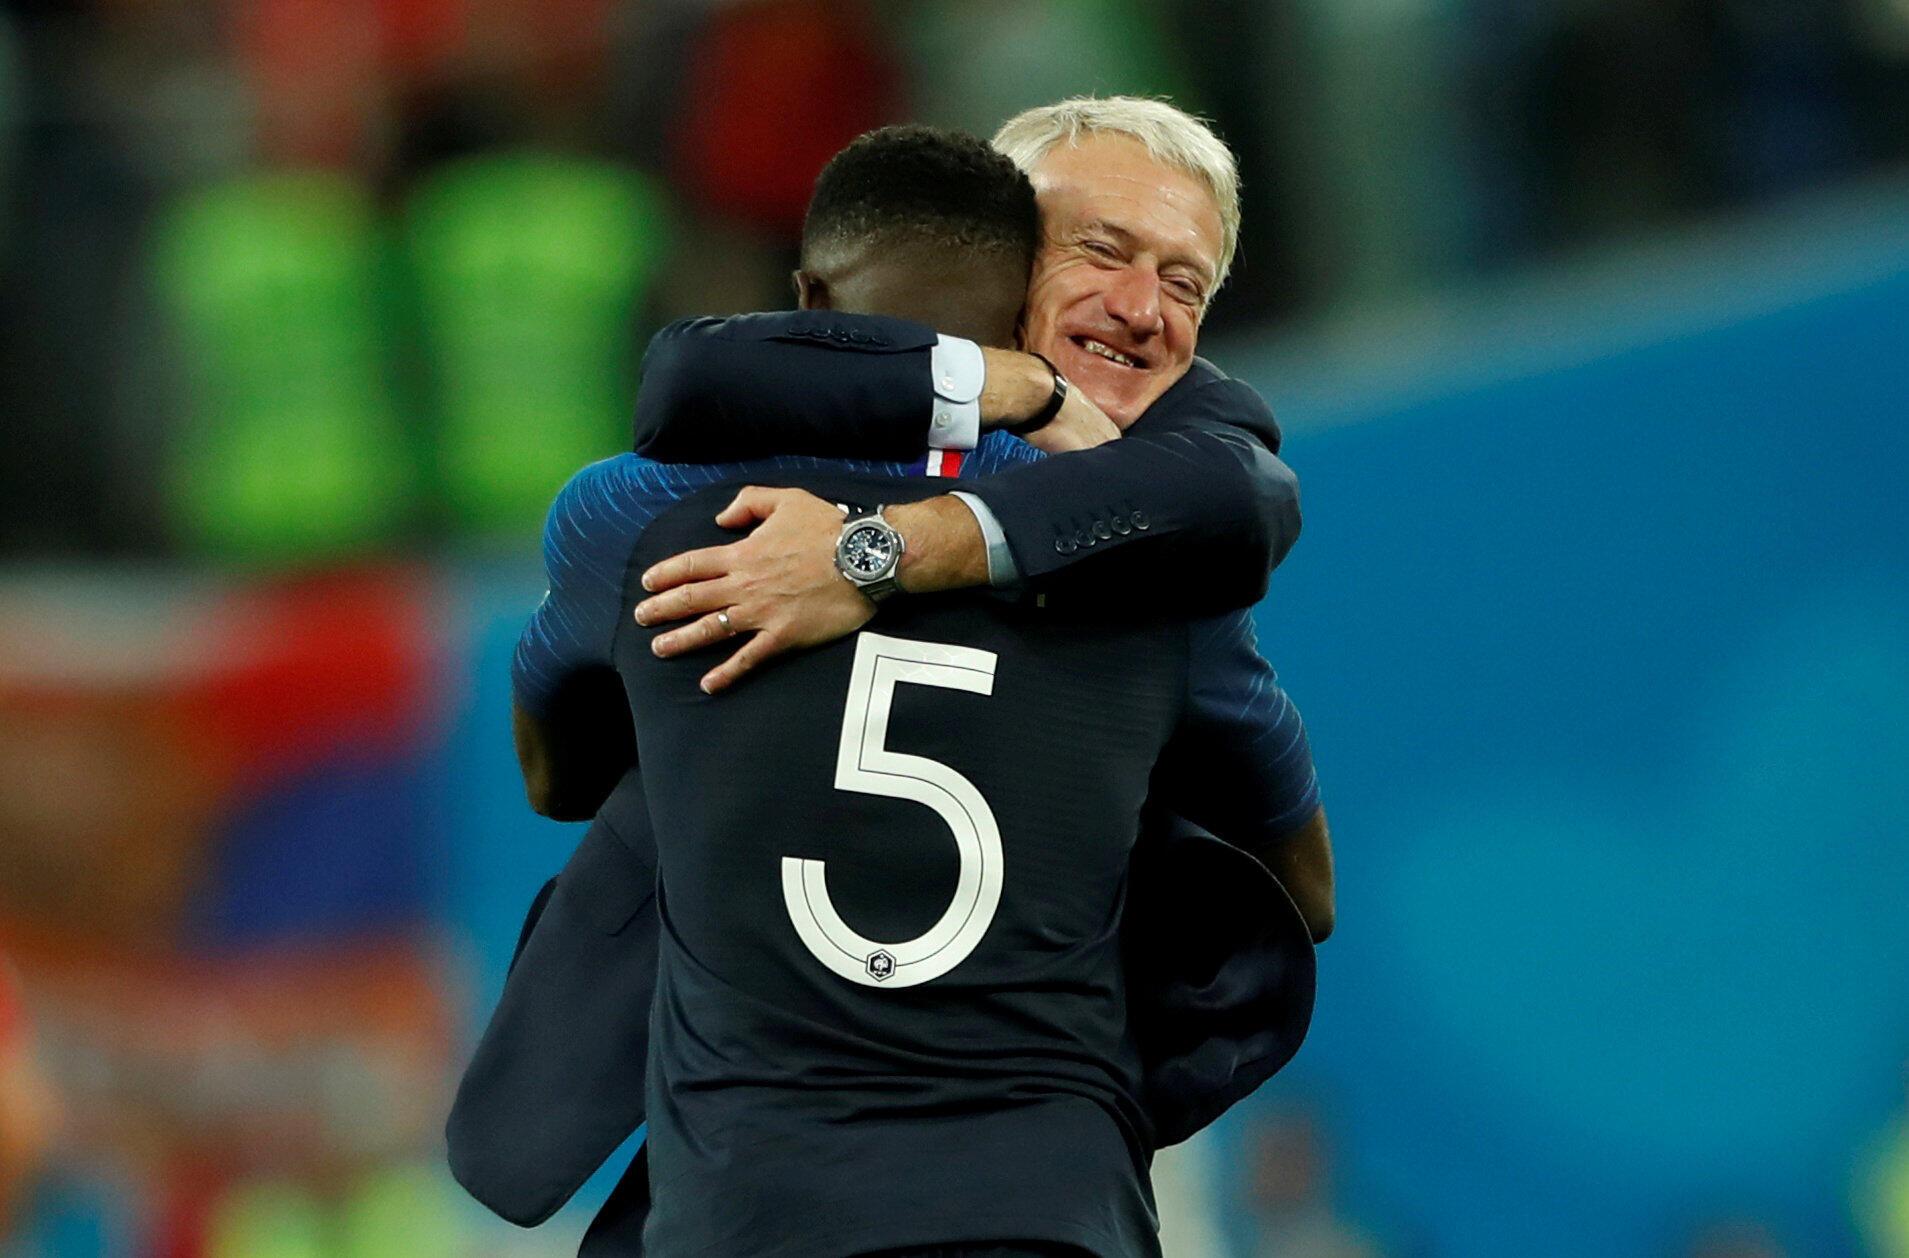 Huấn luyện viên tuyển Pháp Didier Deschamps ôm hậu vệ Samuel Umtiti, người ghi bàn thắng duy nhất vào lưới đội tuyển Bỉ trận bán kết trên sân Saint Petersburg ngày 10/07/2018